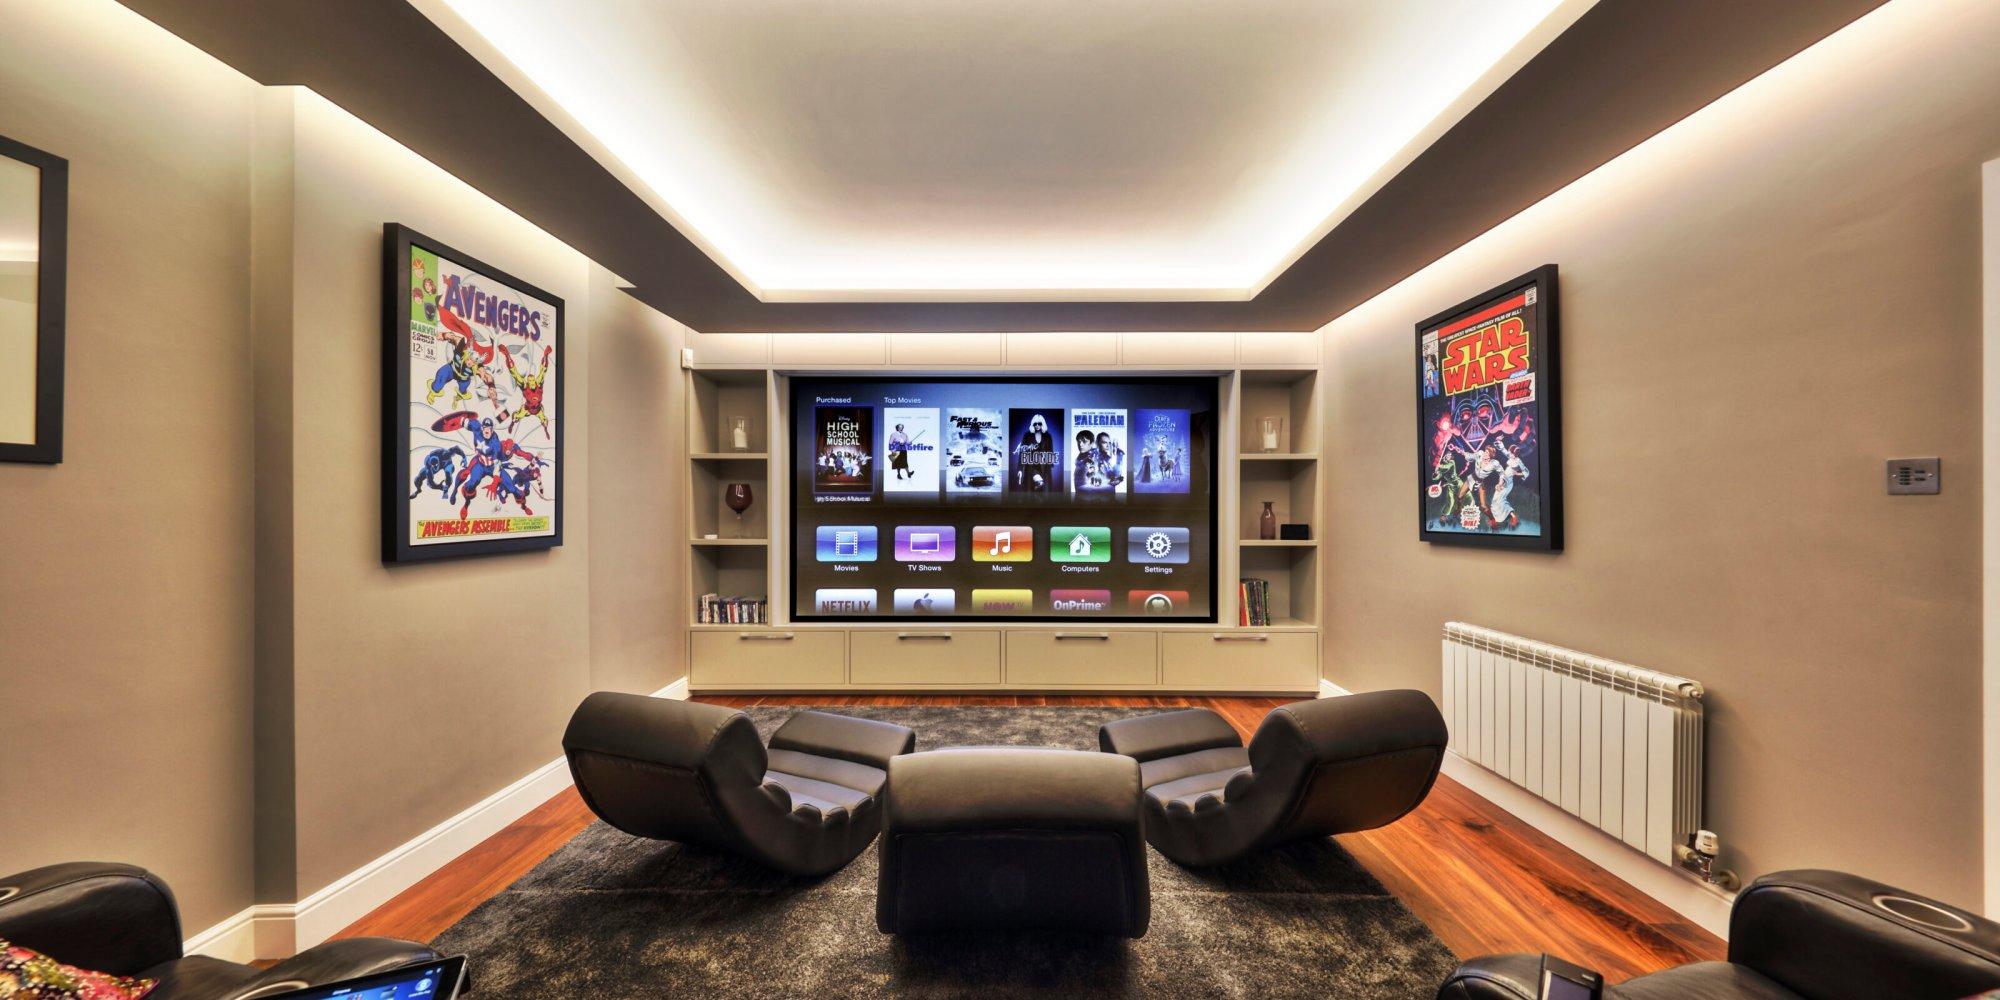 Home Cinema & Media Room Kent